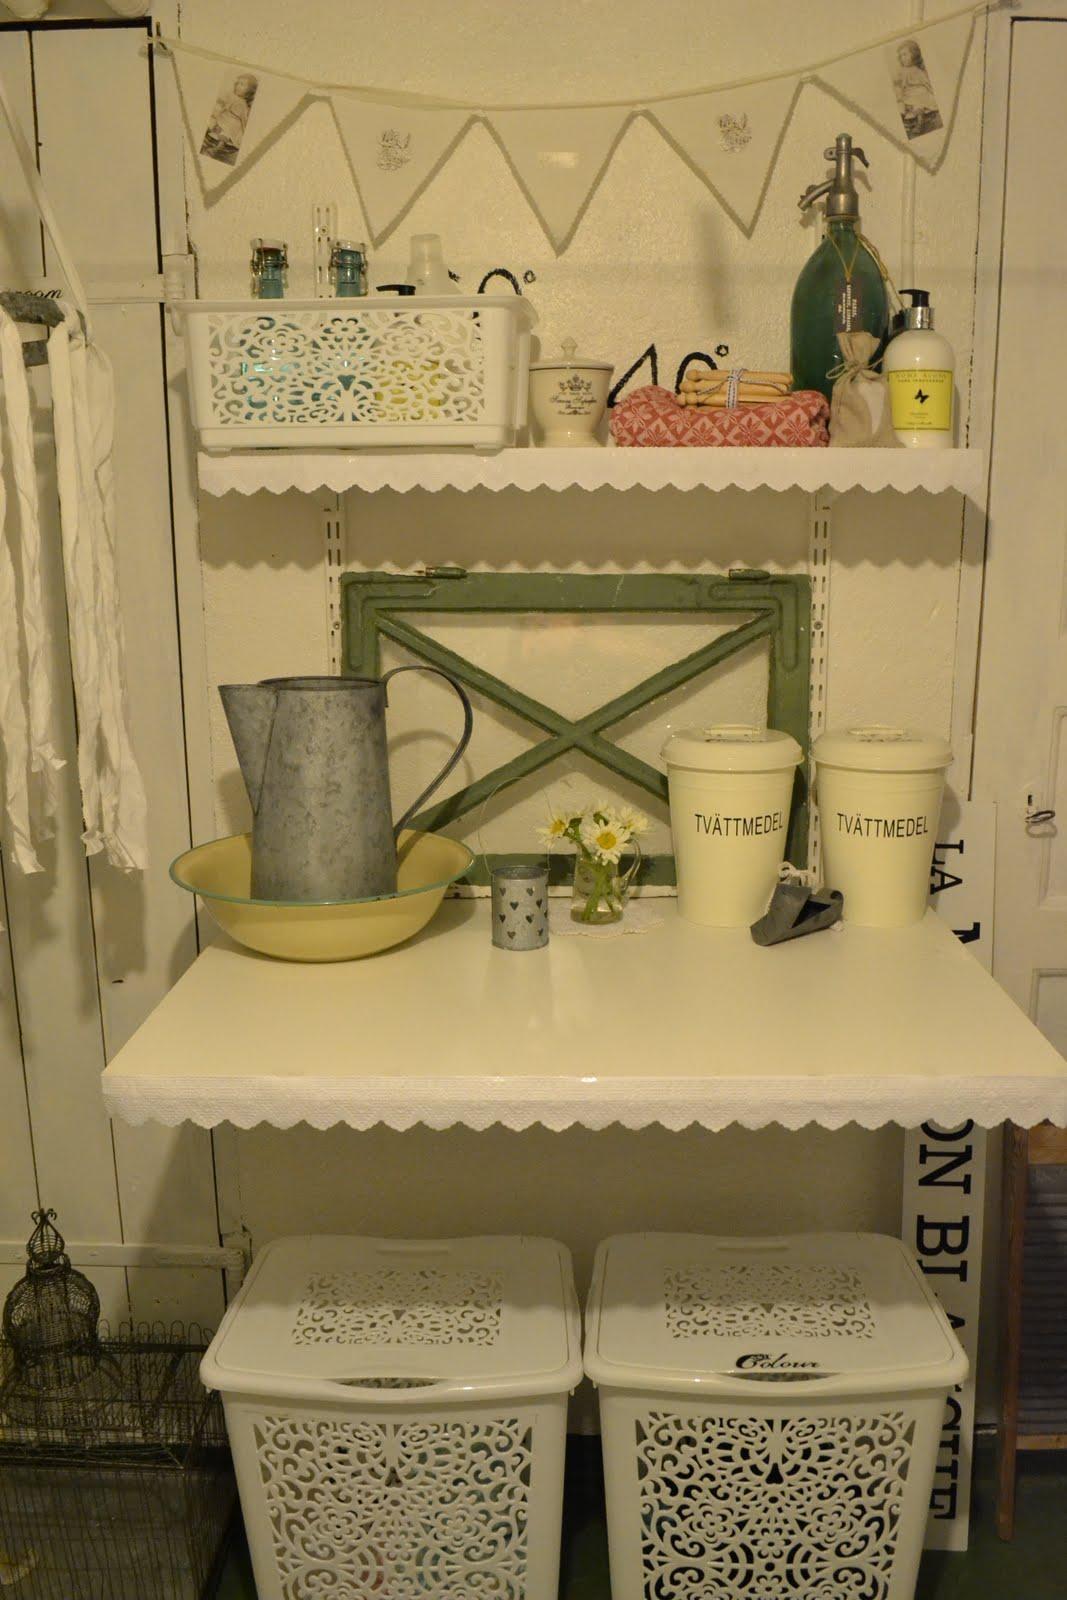 Vita hemmet lyckebo: pimpad tvättstuga!